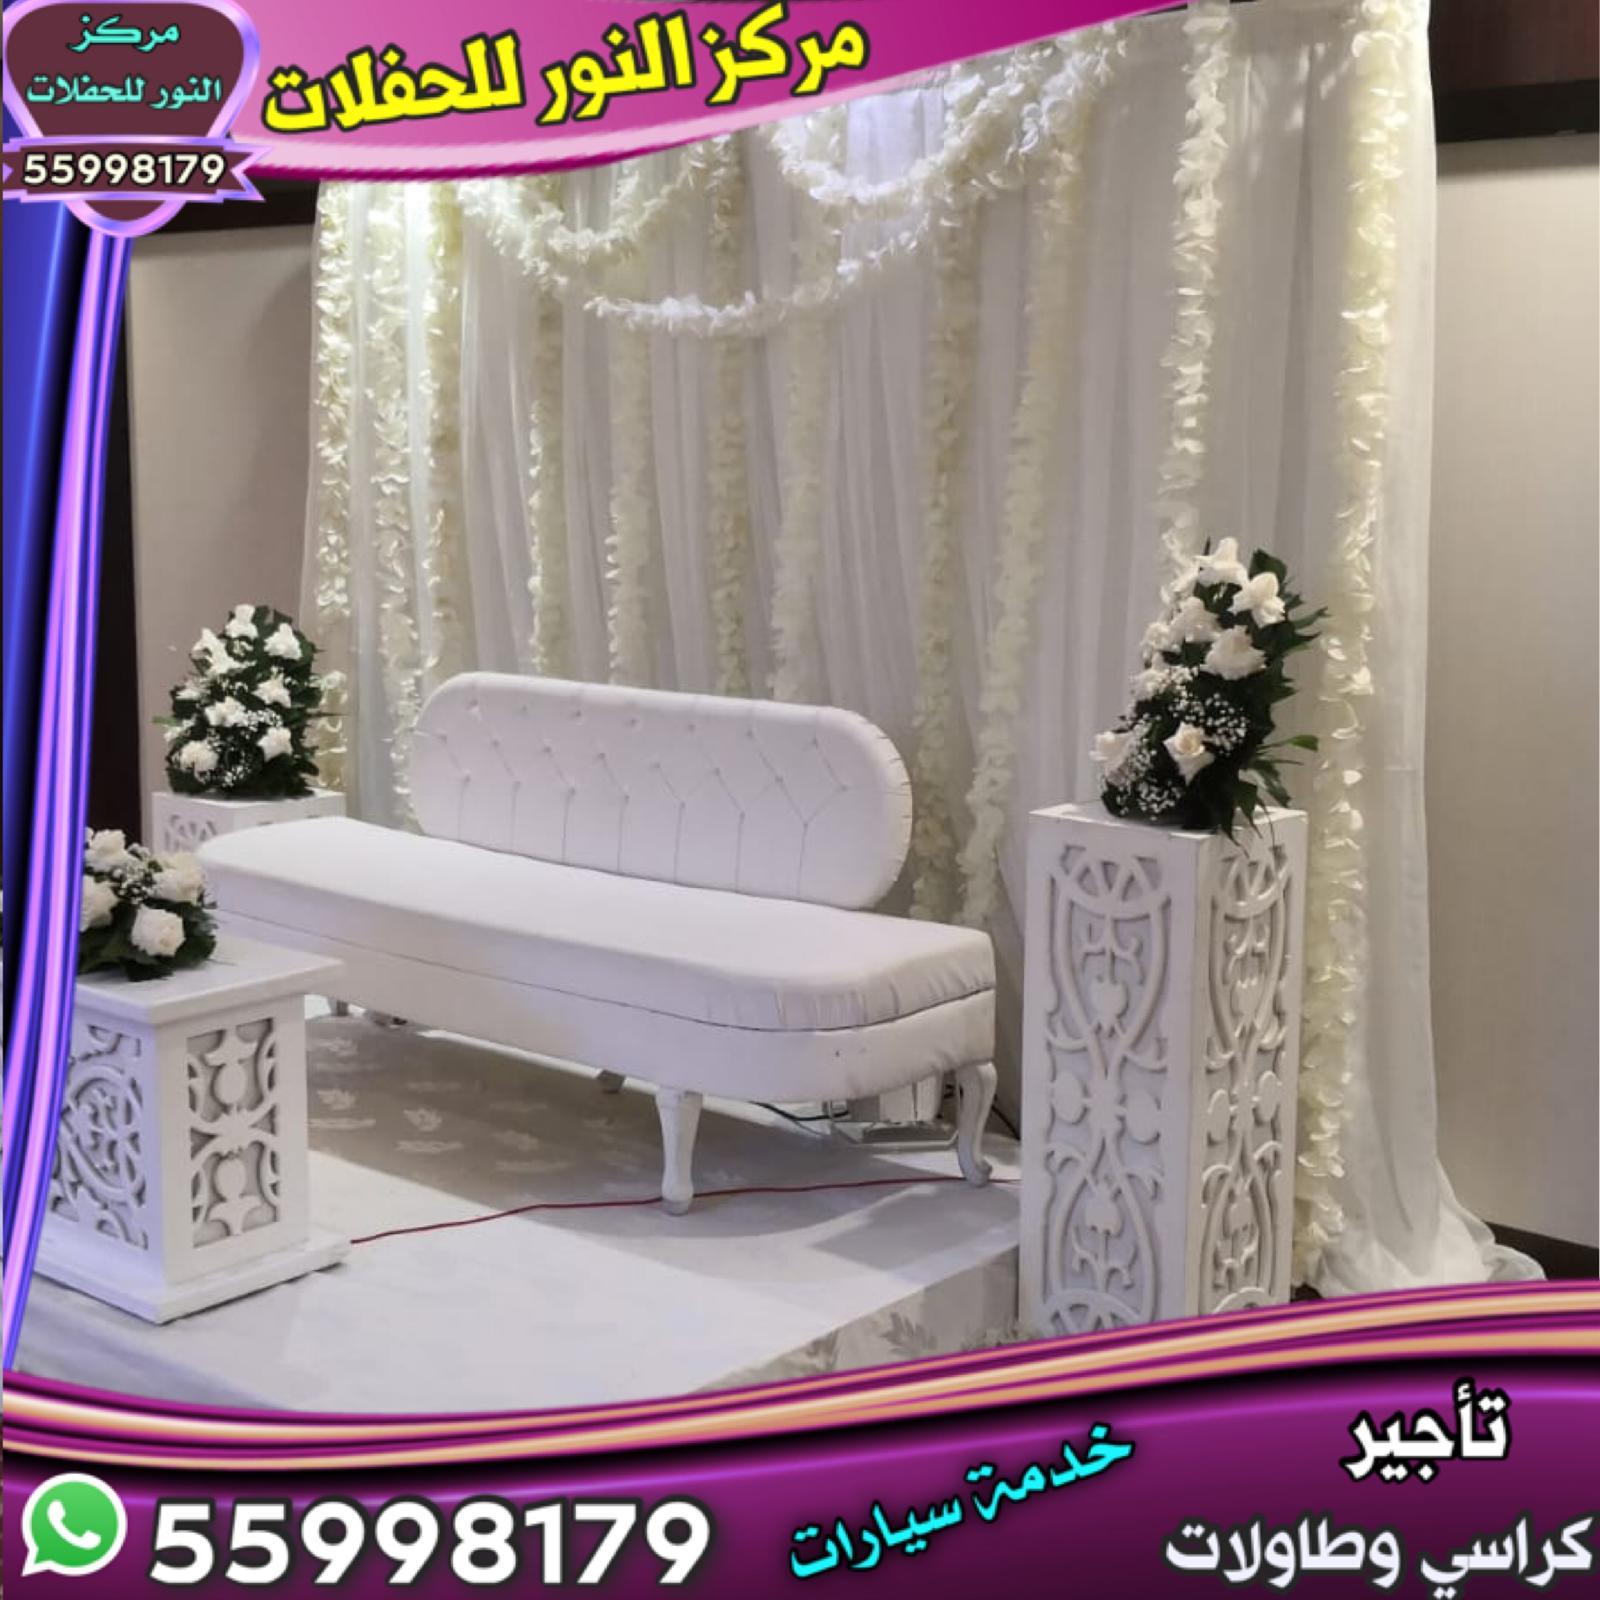 تاجير كوش في الكويت